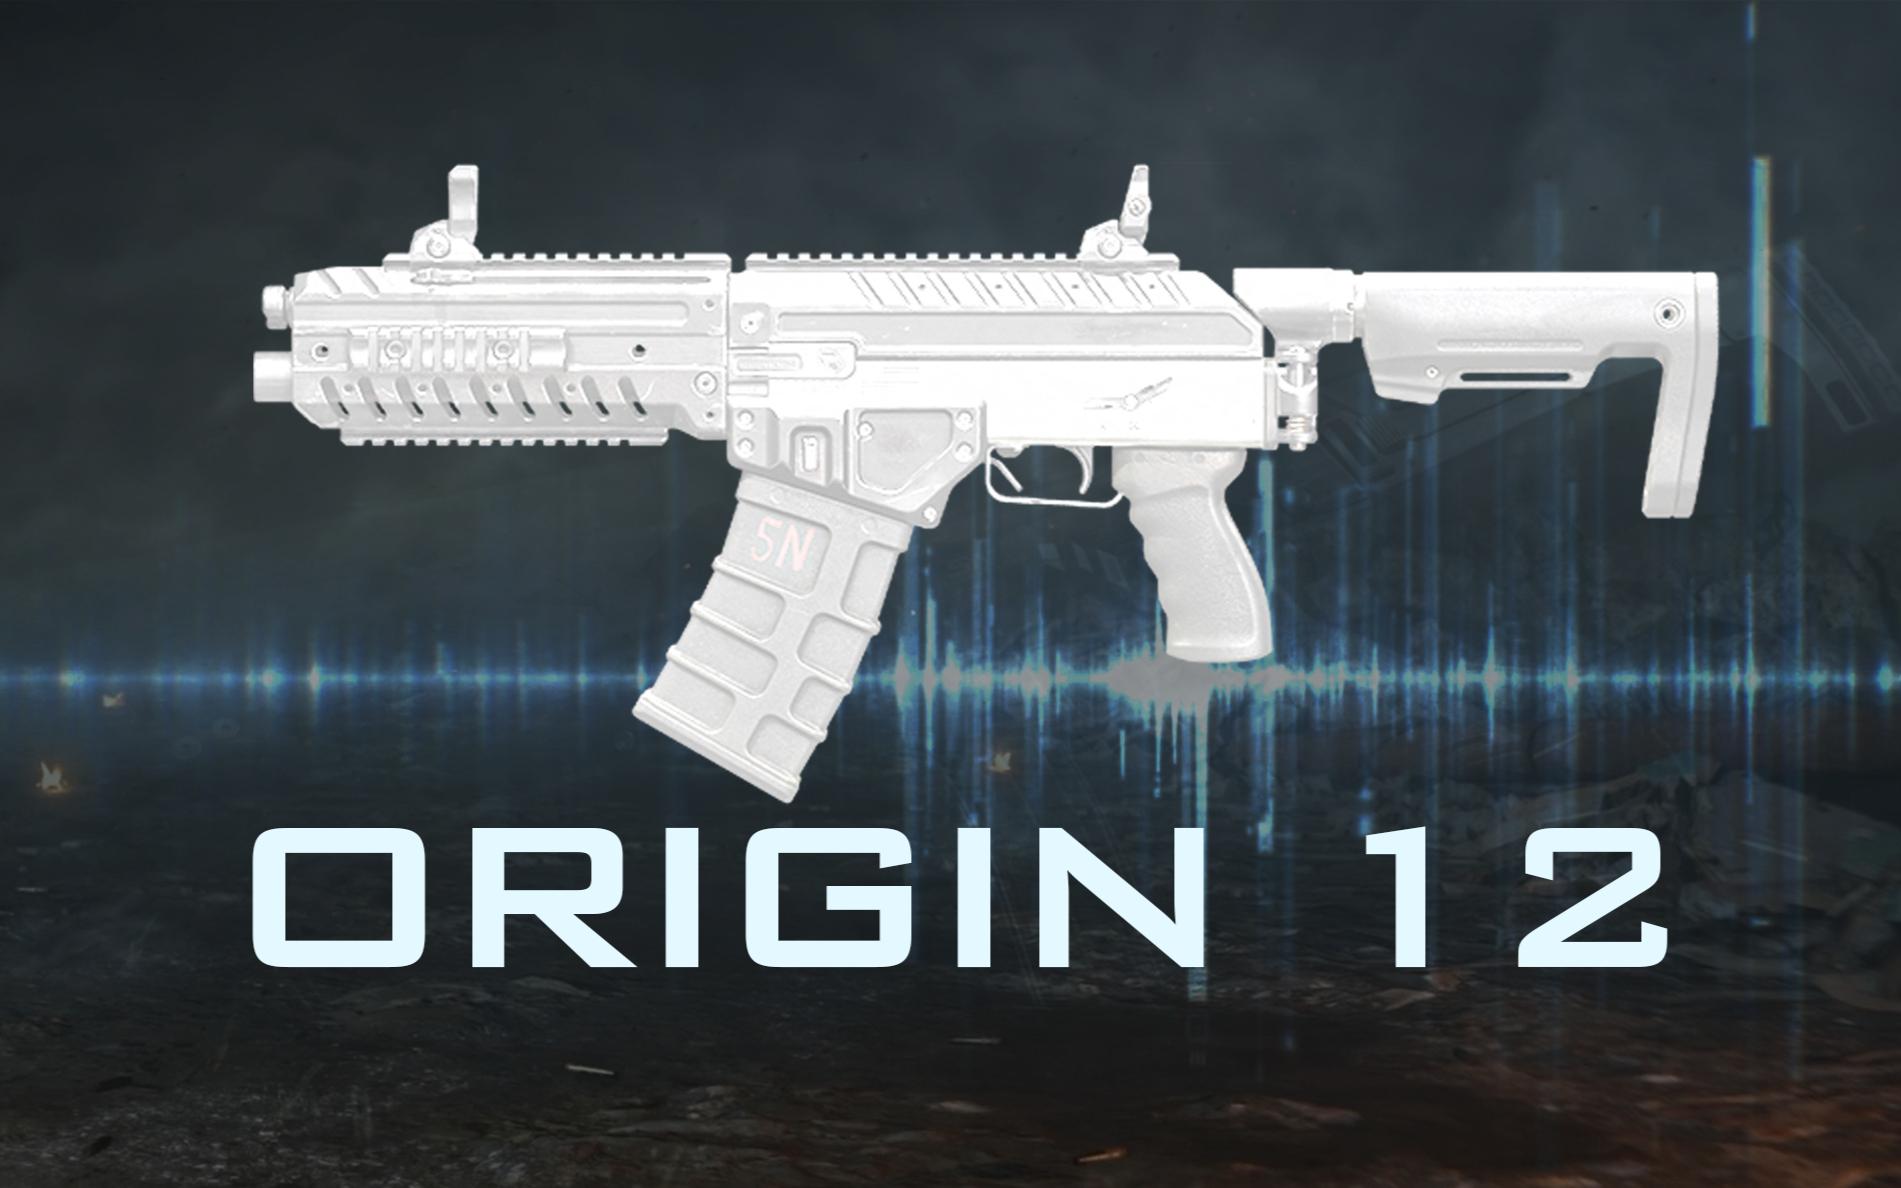 推土机(X)描边大师(√)原型 Origin 12 霰弹枪『现代战争武器指南』VOL.33